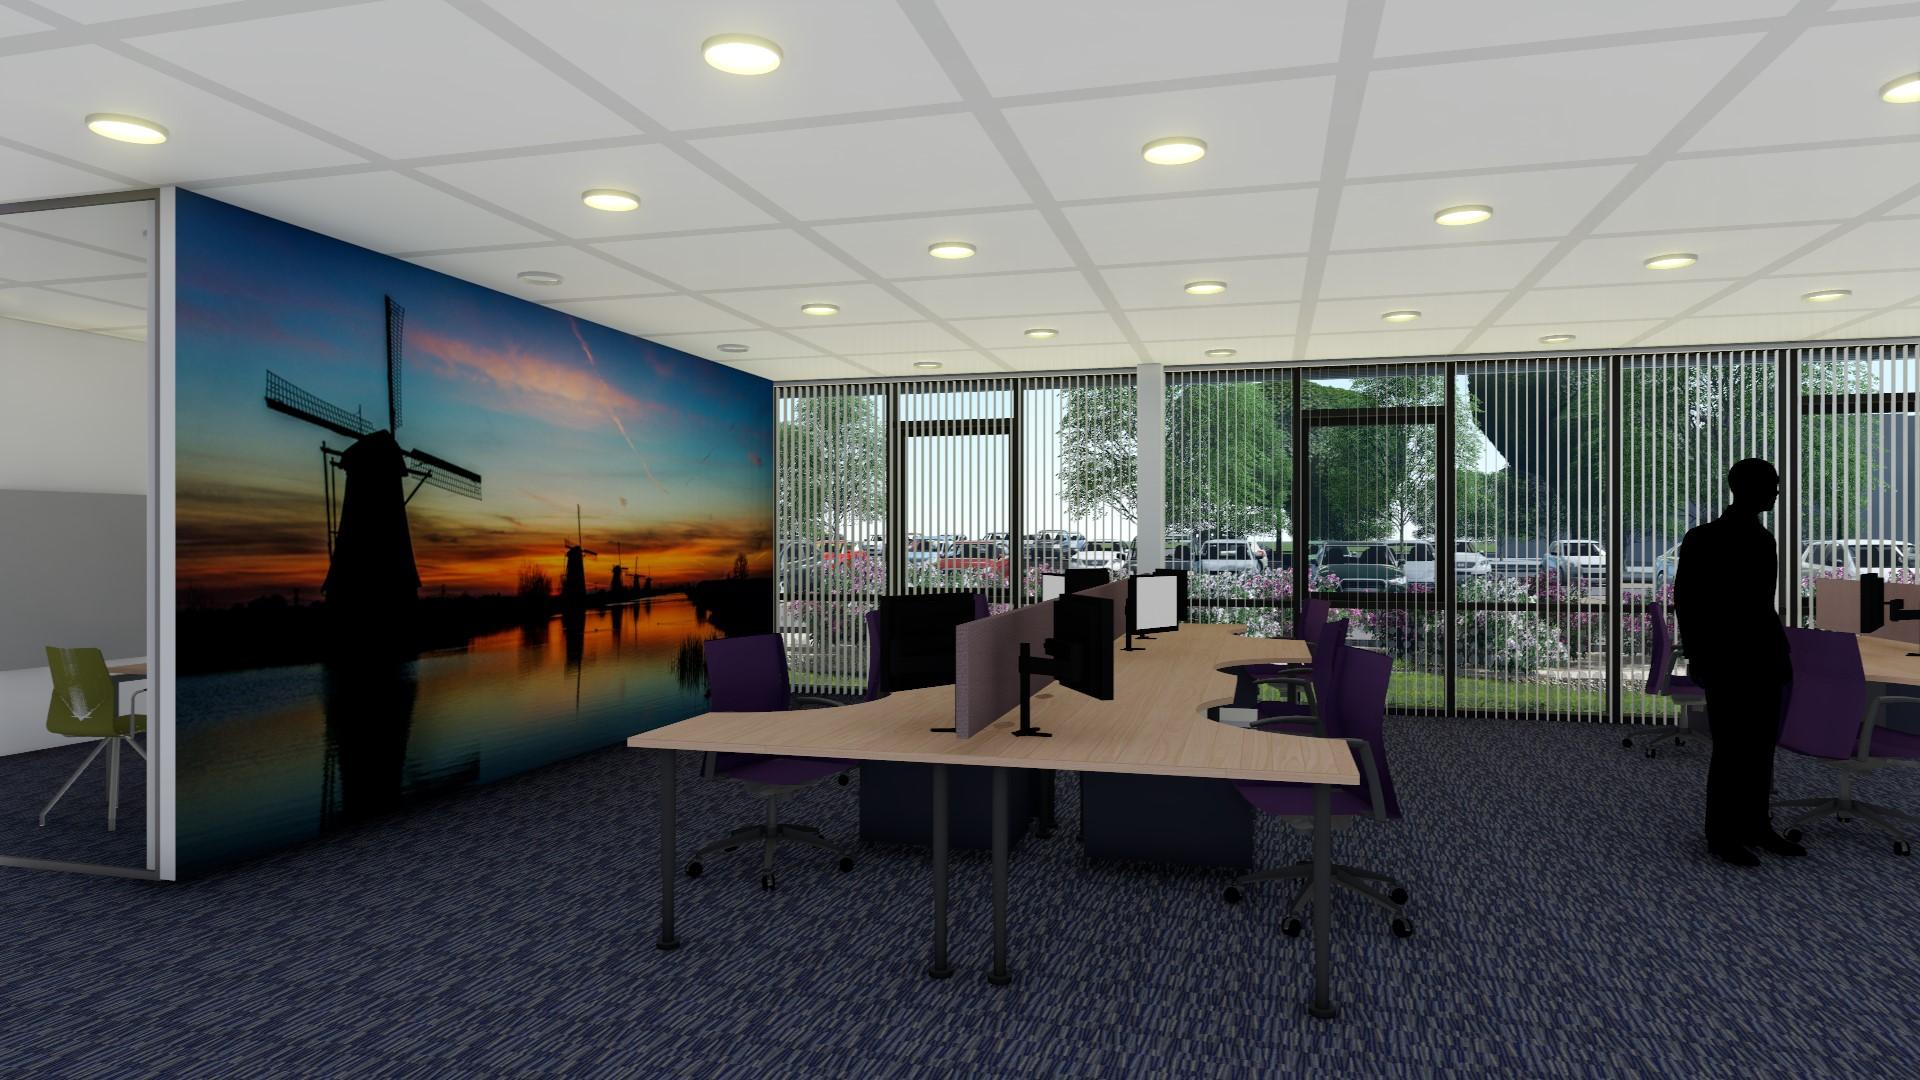 Nieuwbouwproject kantoor marel boxmeer for Kantoor interieur